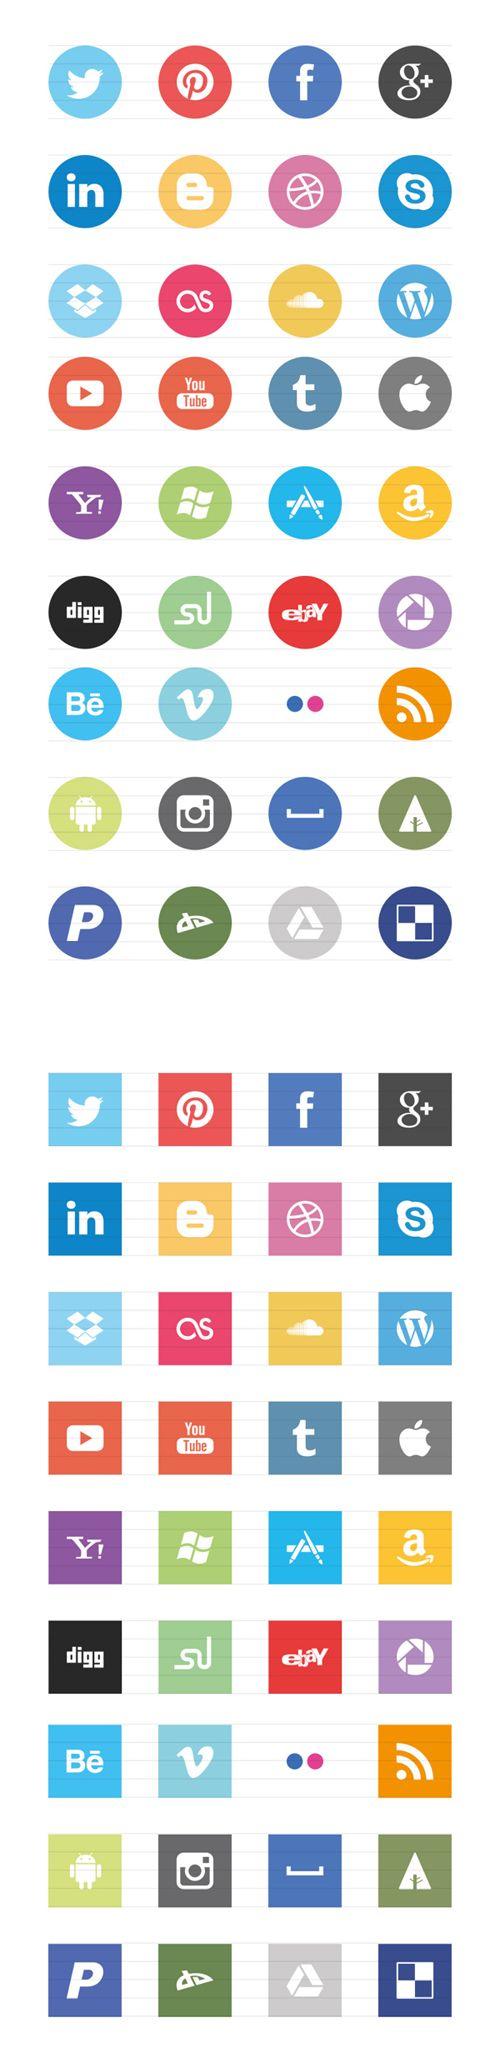 Free Flat Elements for Interface Design | Graphics Design | Design Blog #design